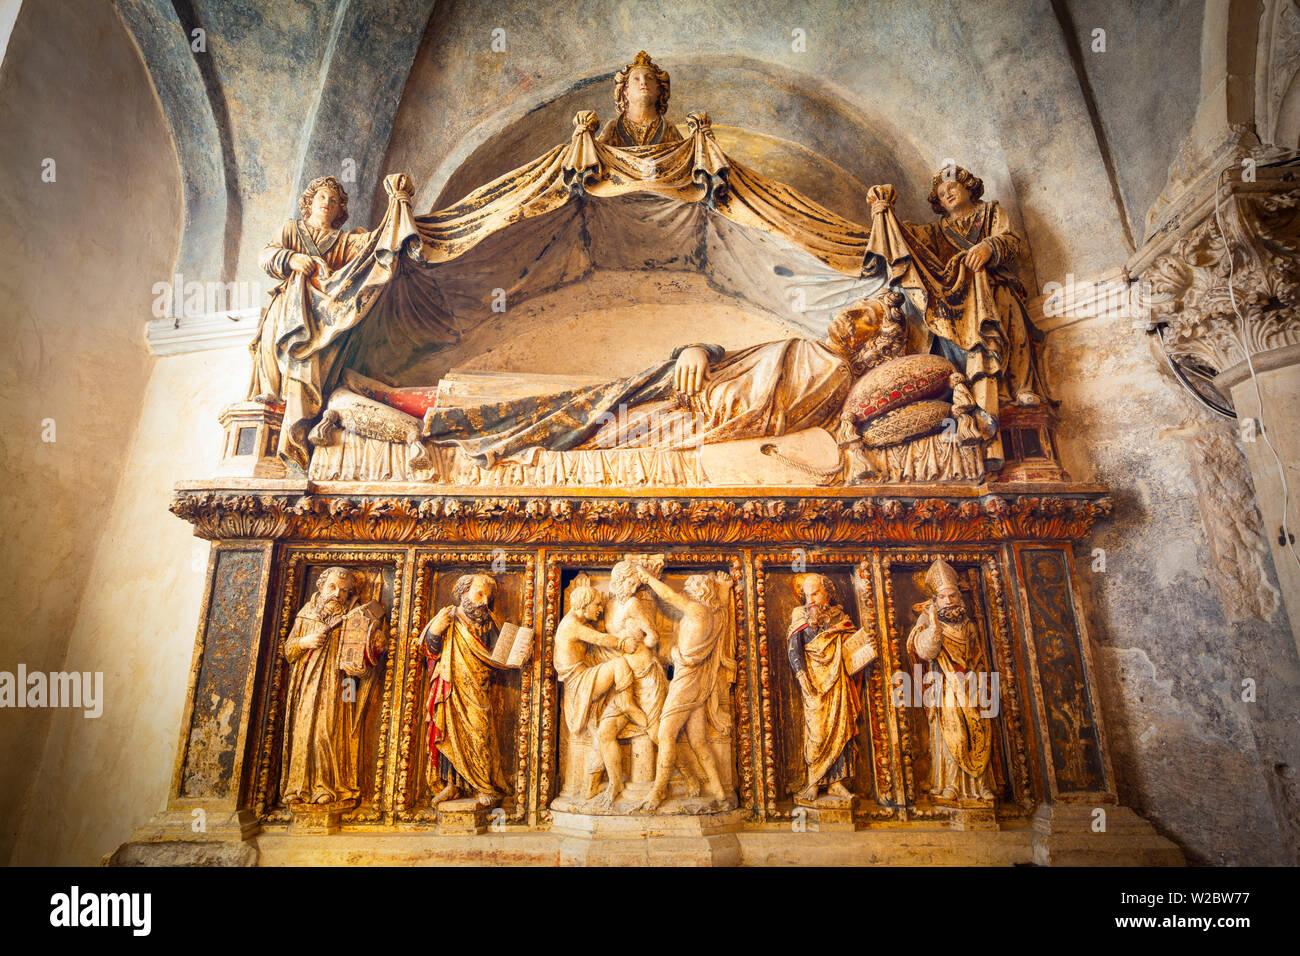 Altar of St. Anastasius St. Domnius Cathedral, Stari Grad (Old Town), Split, Dalmatia, Croatia - Stock Image